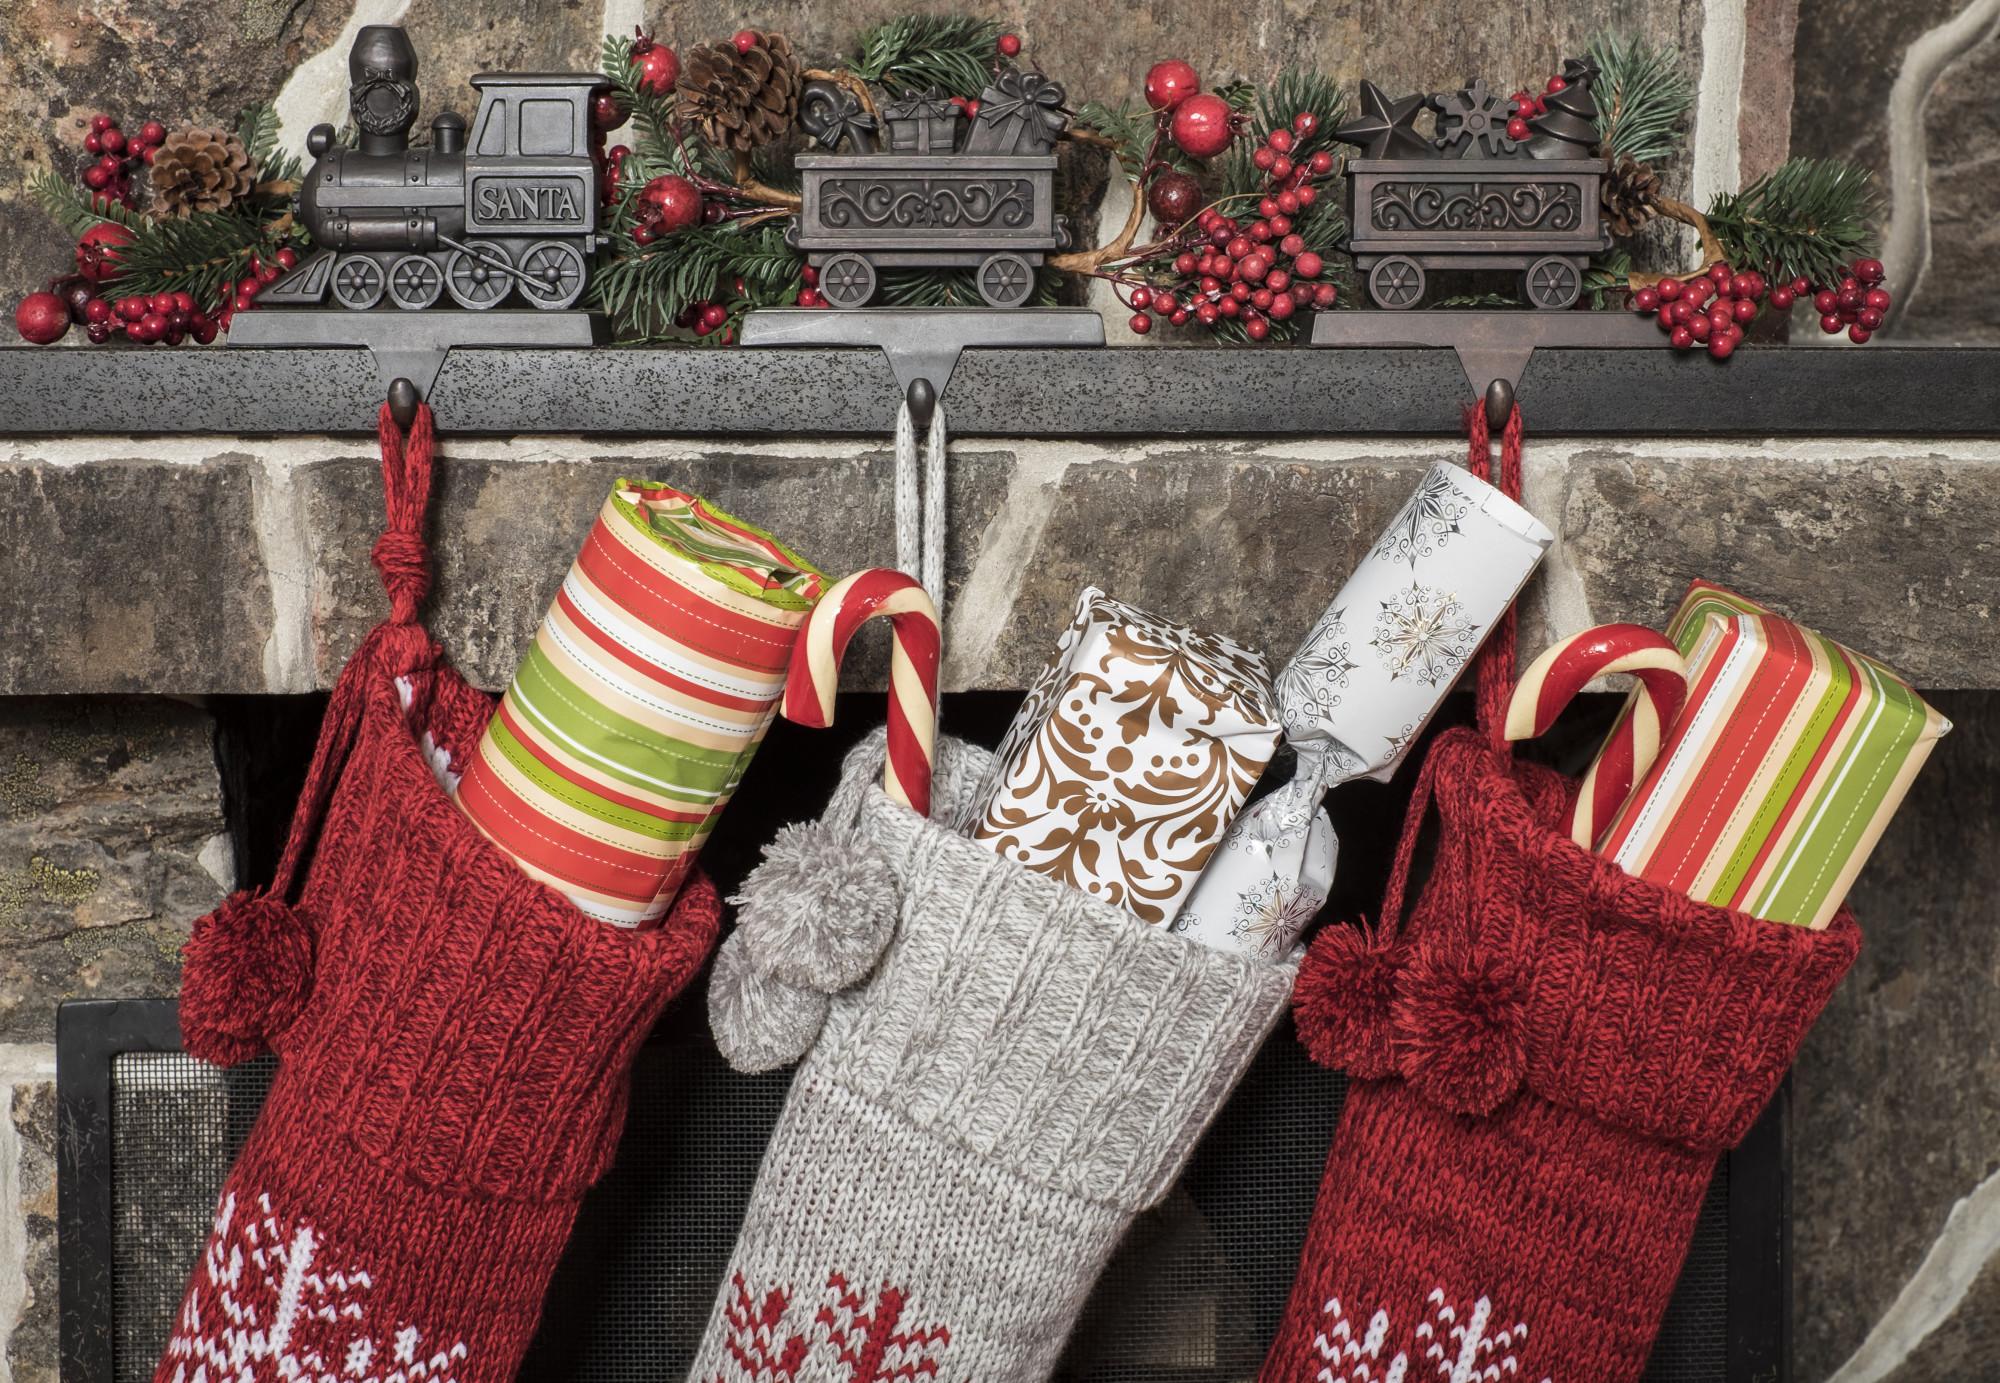 stuffed stockings